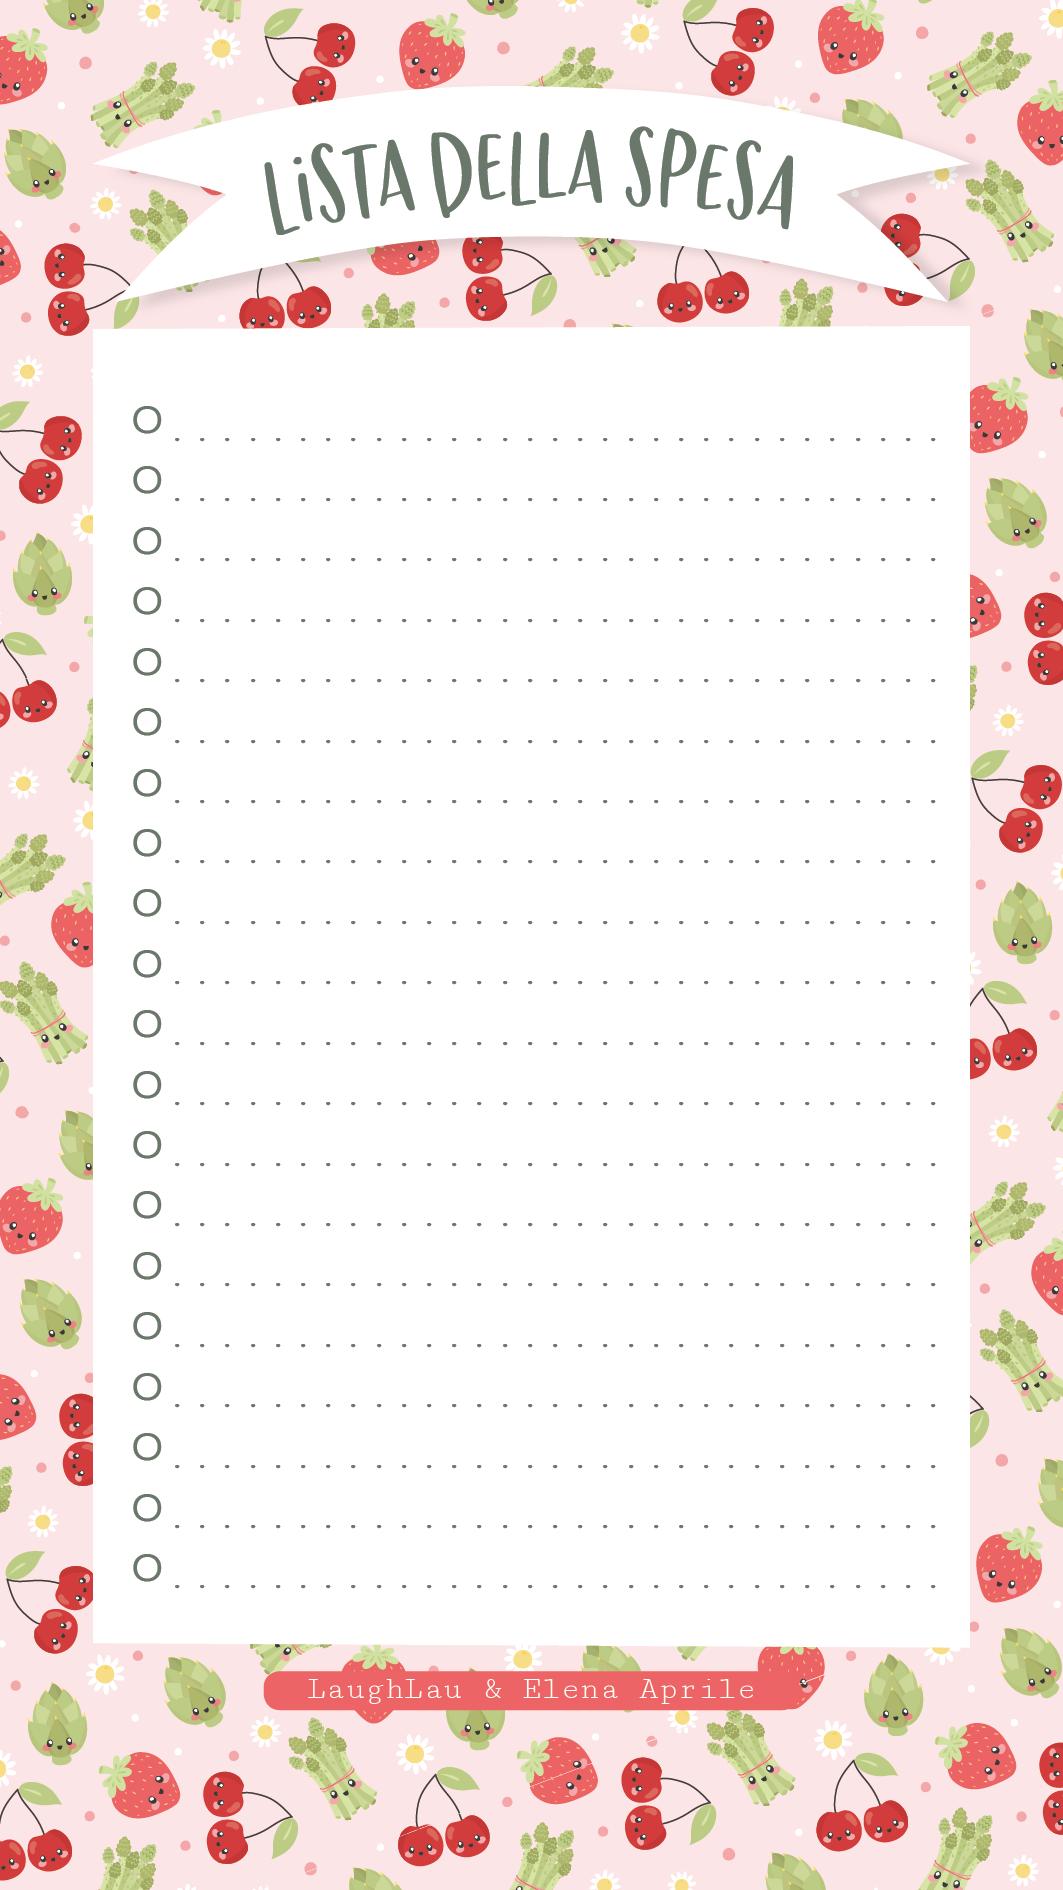 Organizzare Il Menu Della Settimana dott.ssa elena aprile dietista   planning - un planning